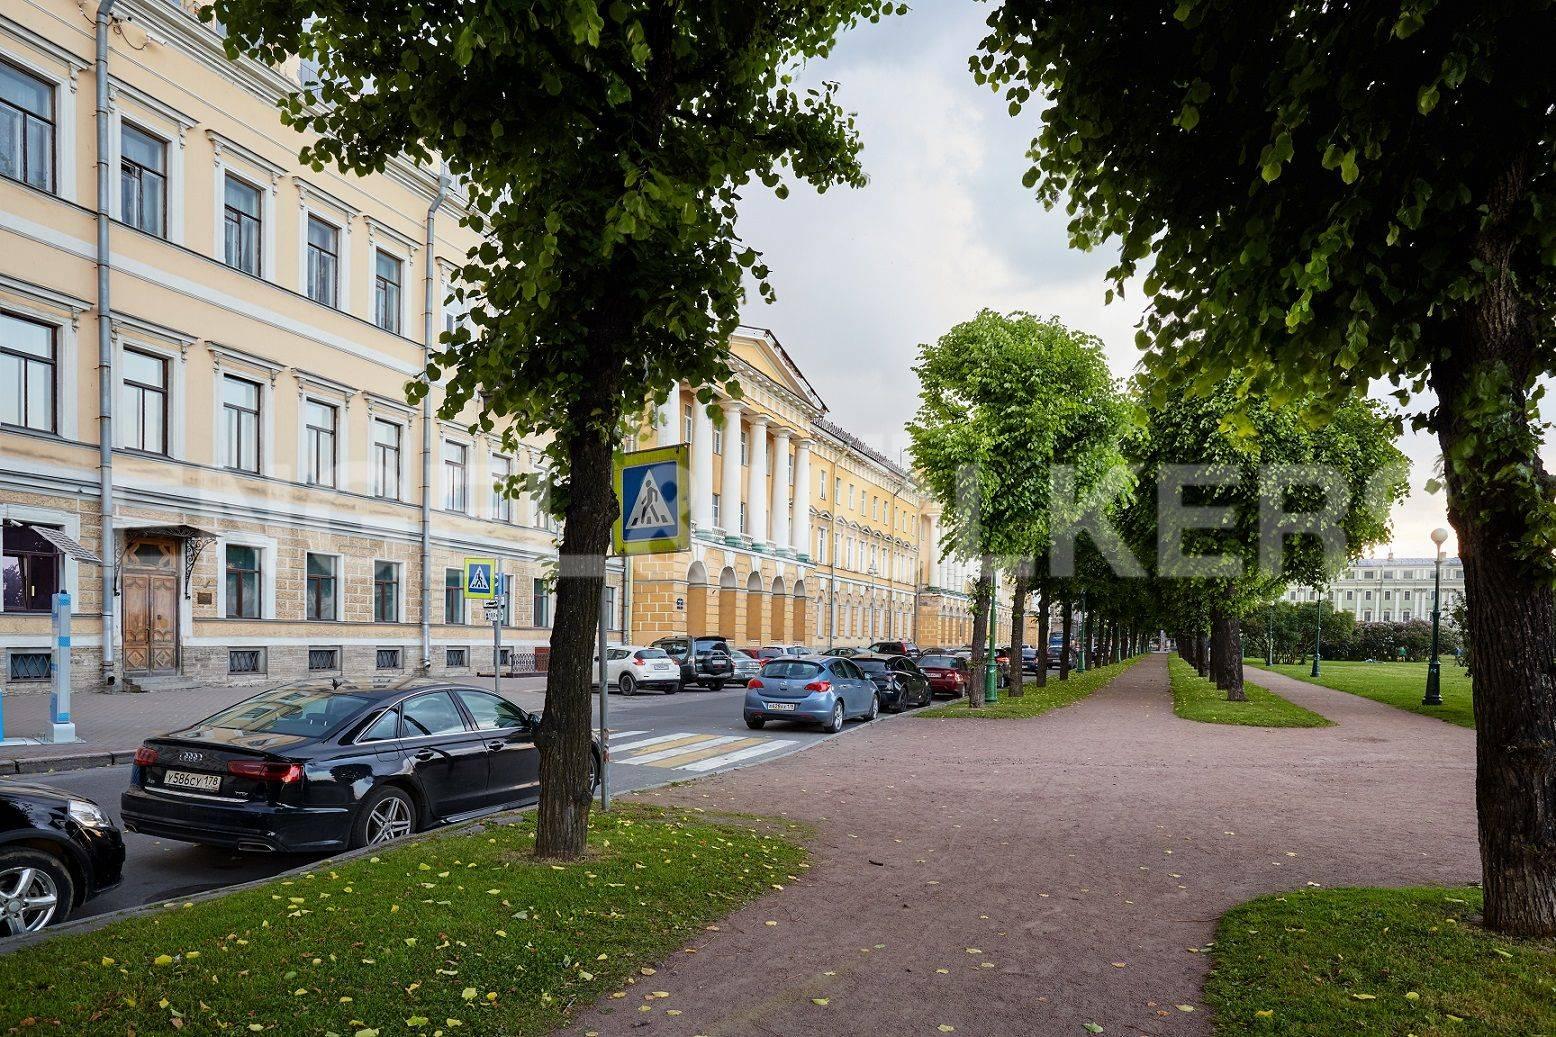 Элитные квартиры в Центральном районе. Санкт-Петербург, Марсово поле, 3. Прогулочная аллея перед парадным входом